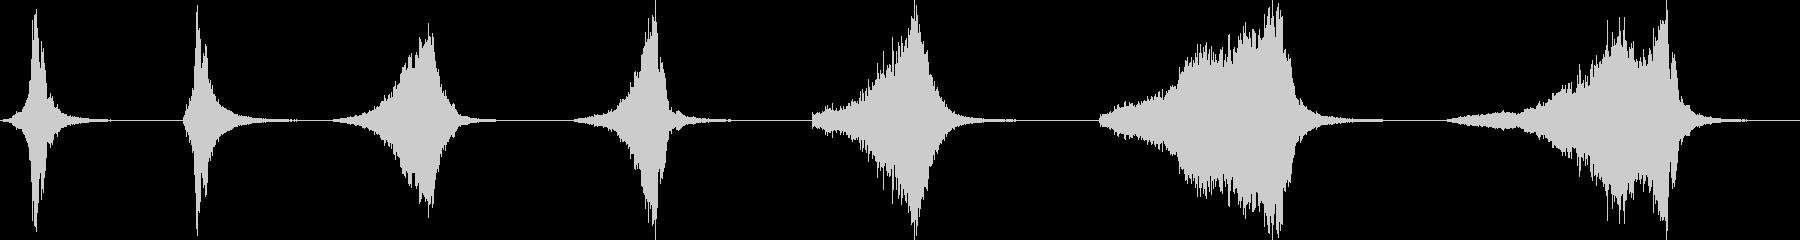 シンバル、クラッシュ、ロール、7バ...の未再生の波形